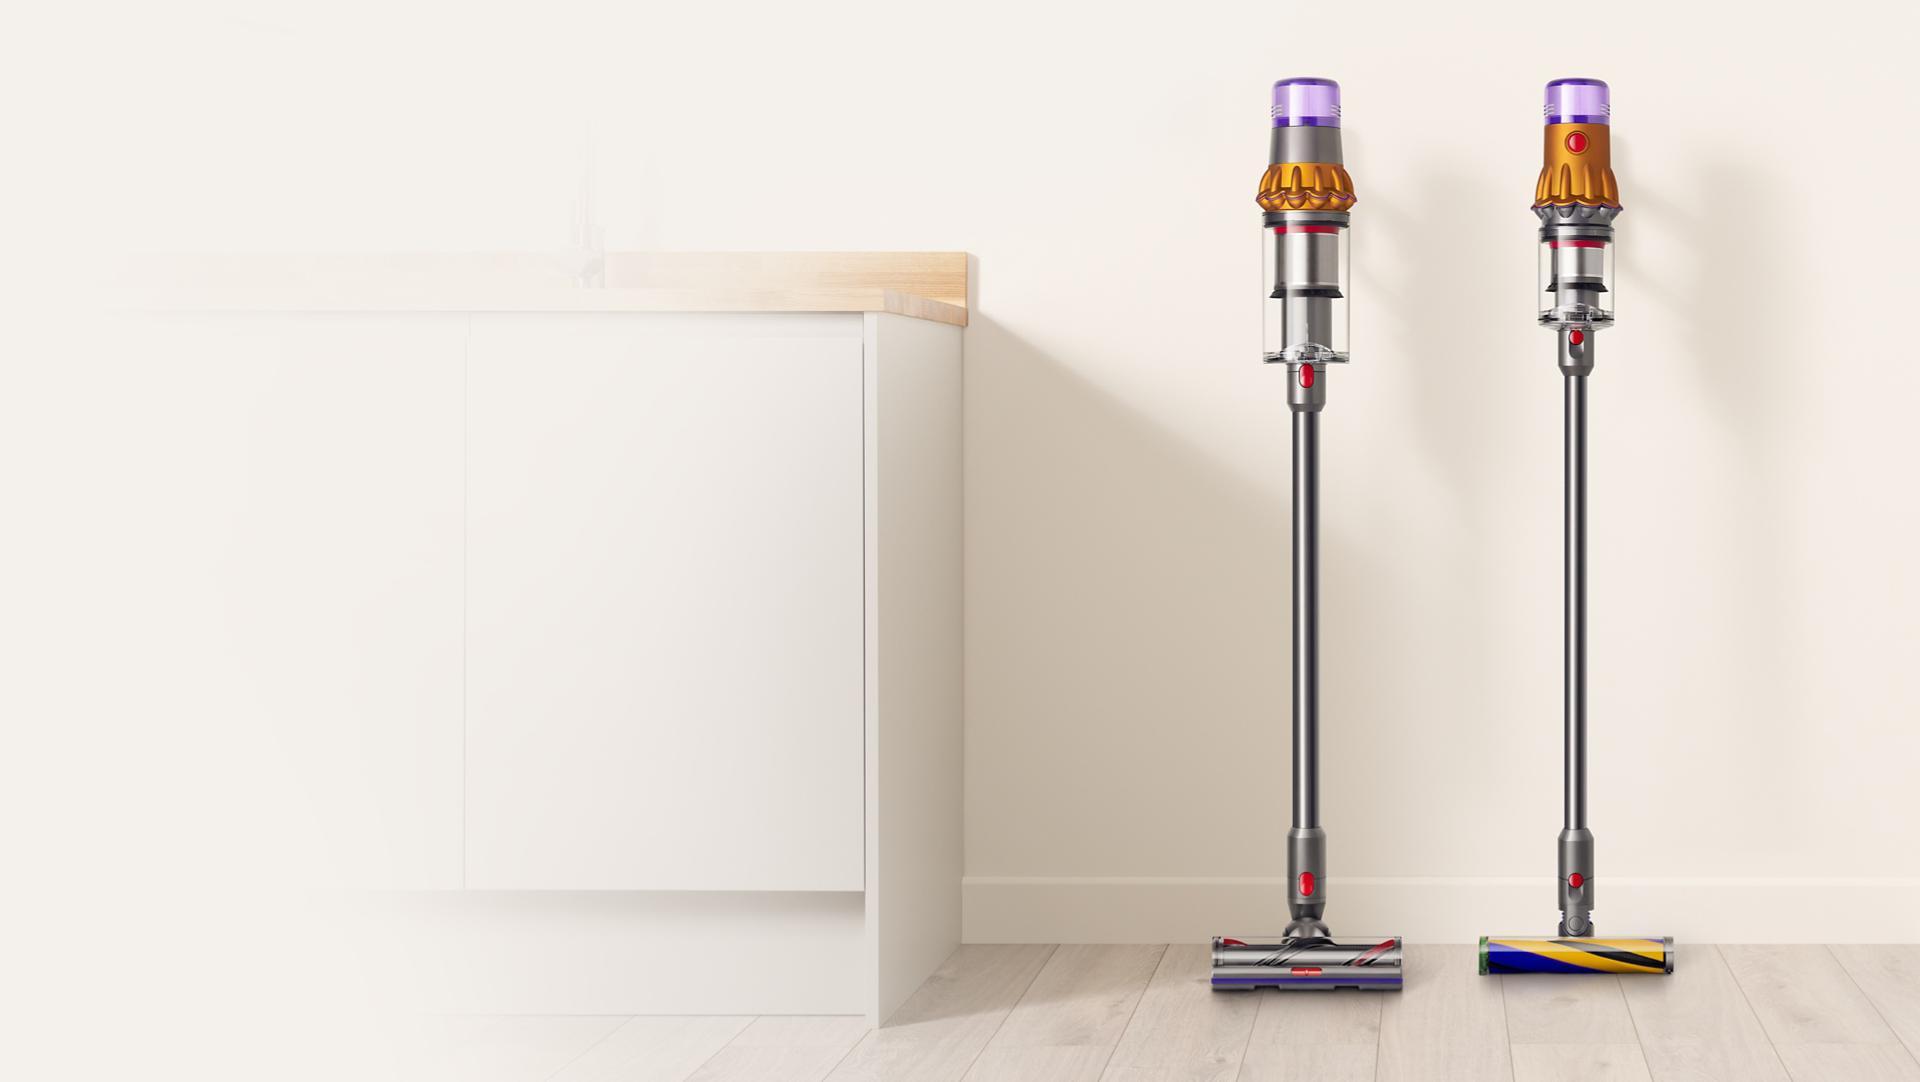 odkurzacz Dyson V15 Detect oraz Dyson V12 Slim stojące przy ścianie